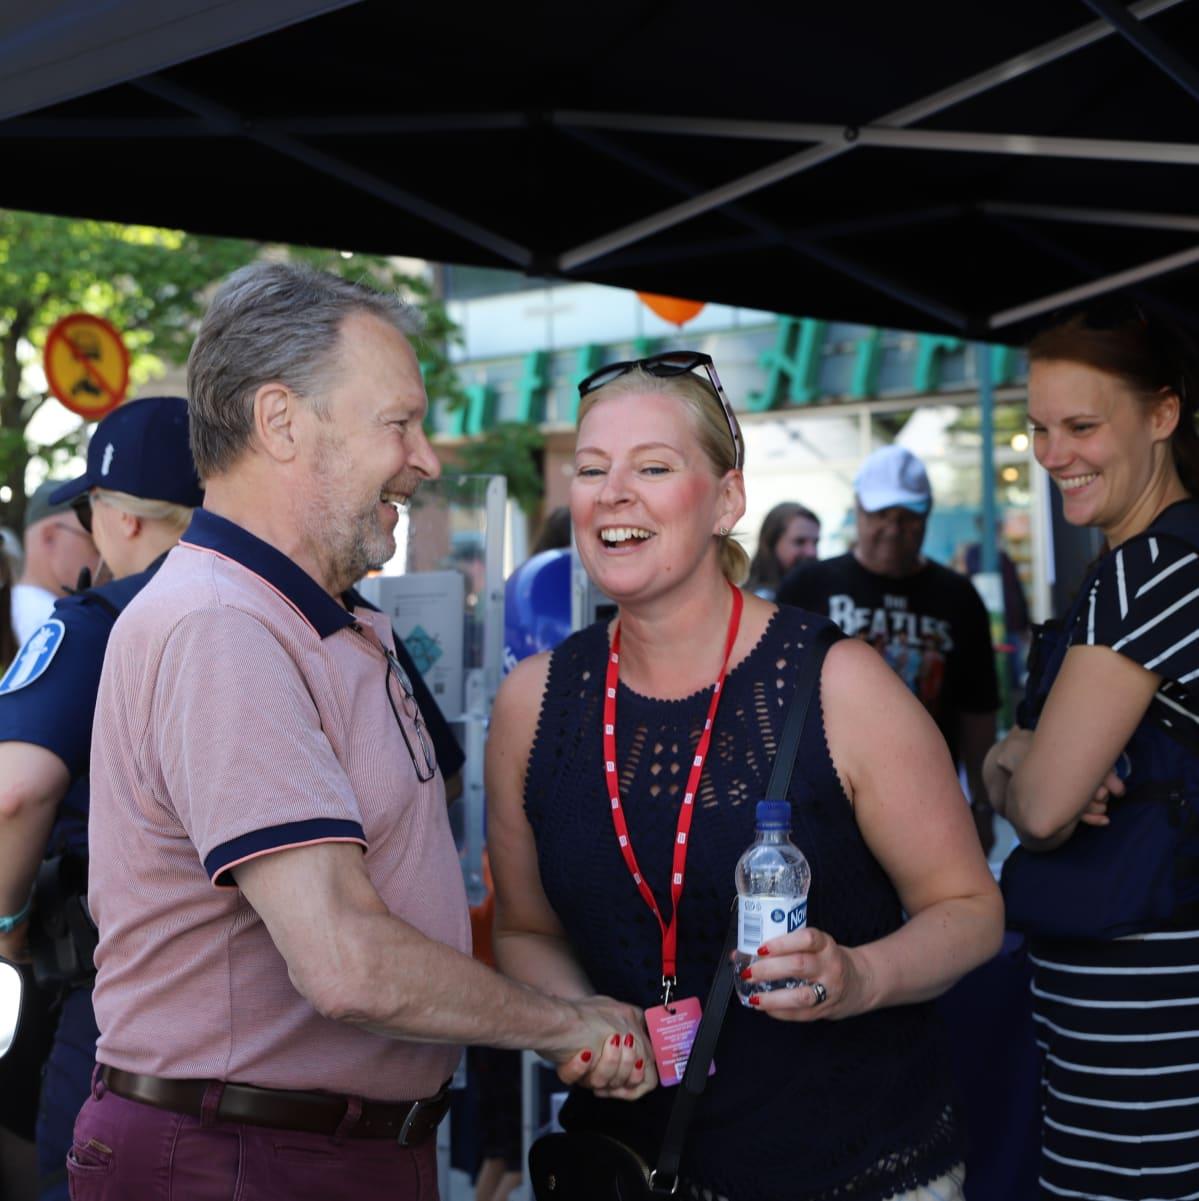 Ilkka Kanerva kättelee vaaleaa naista poliisien teltalla torilla